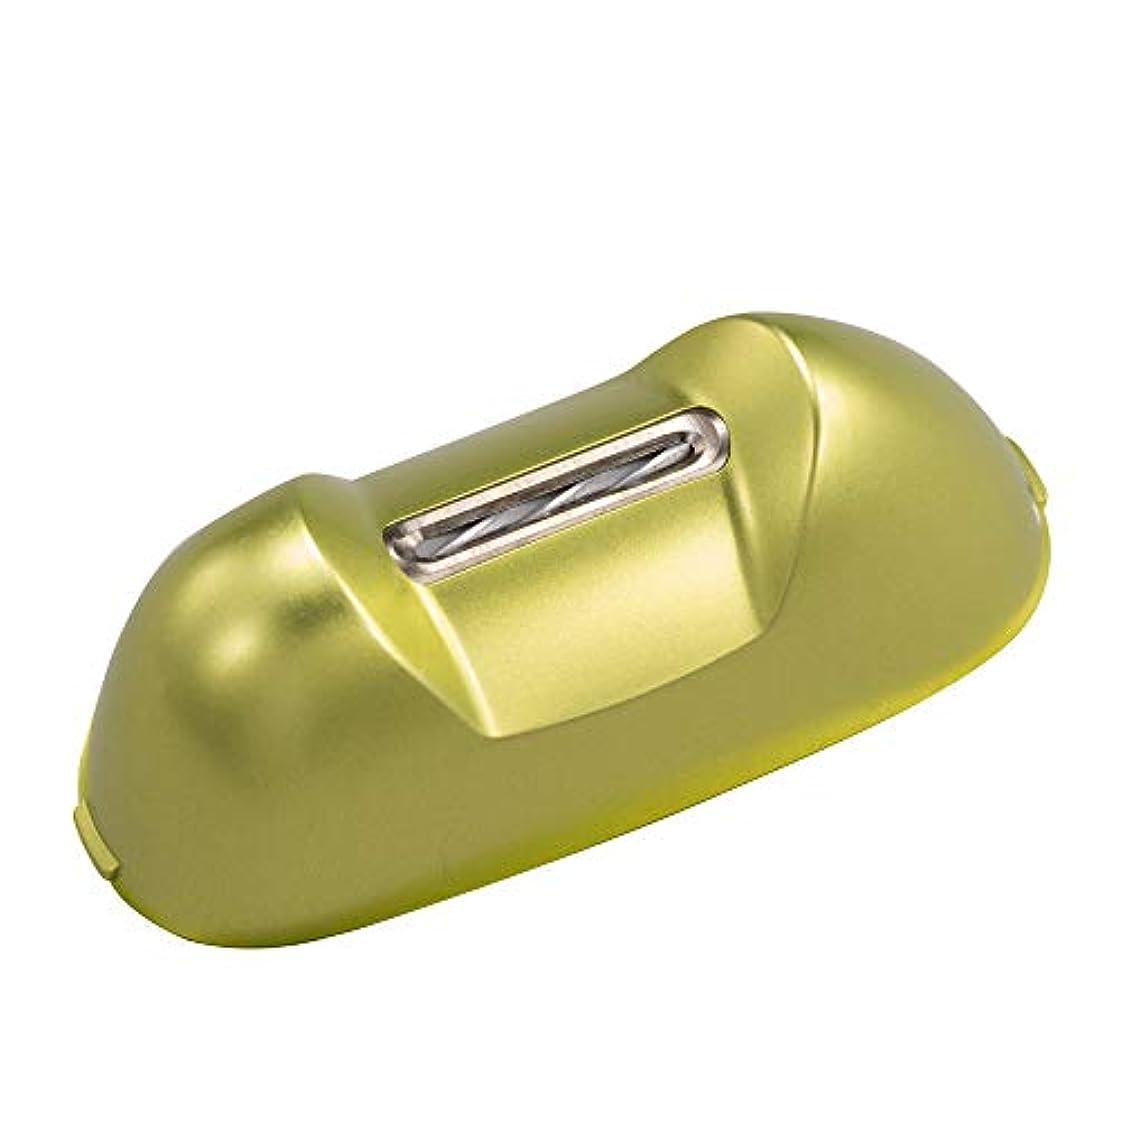 オーナー感じるどこにでもマリン商事 電動爪削りLeaf 専用爪切りカッターヘッド 替刃 El-90165